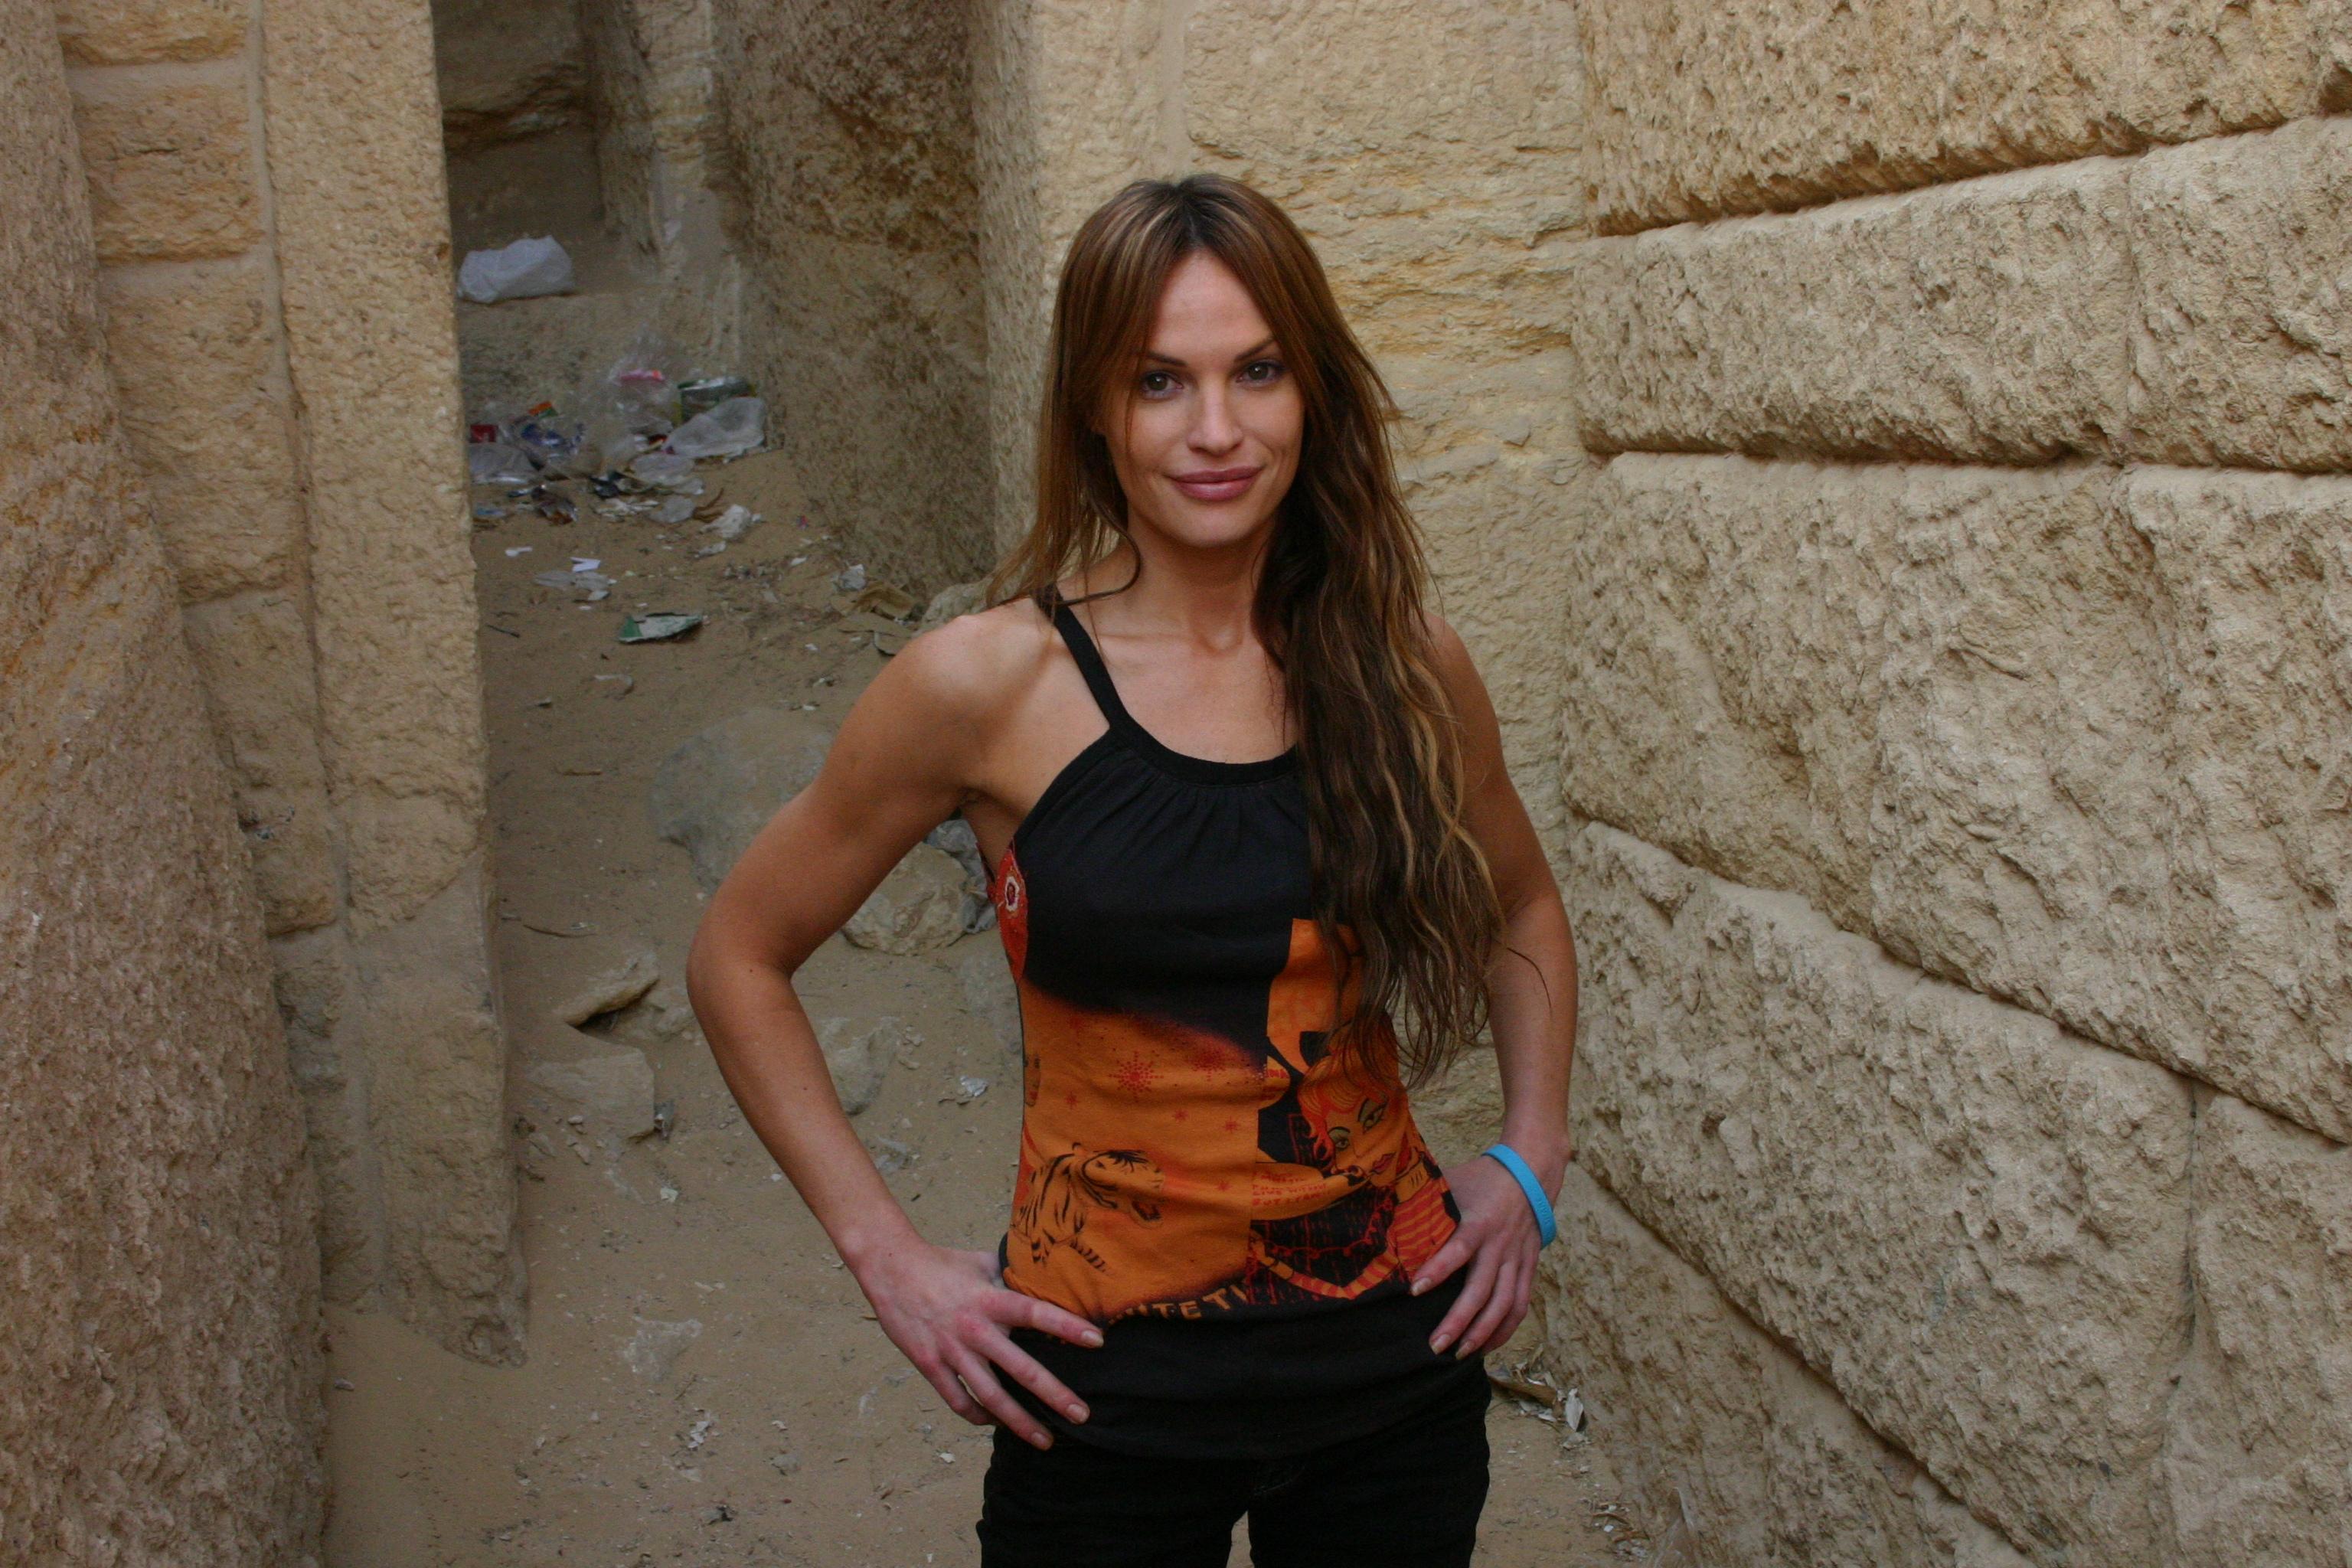 Jolene Blalock nude 116